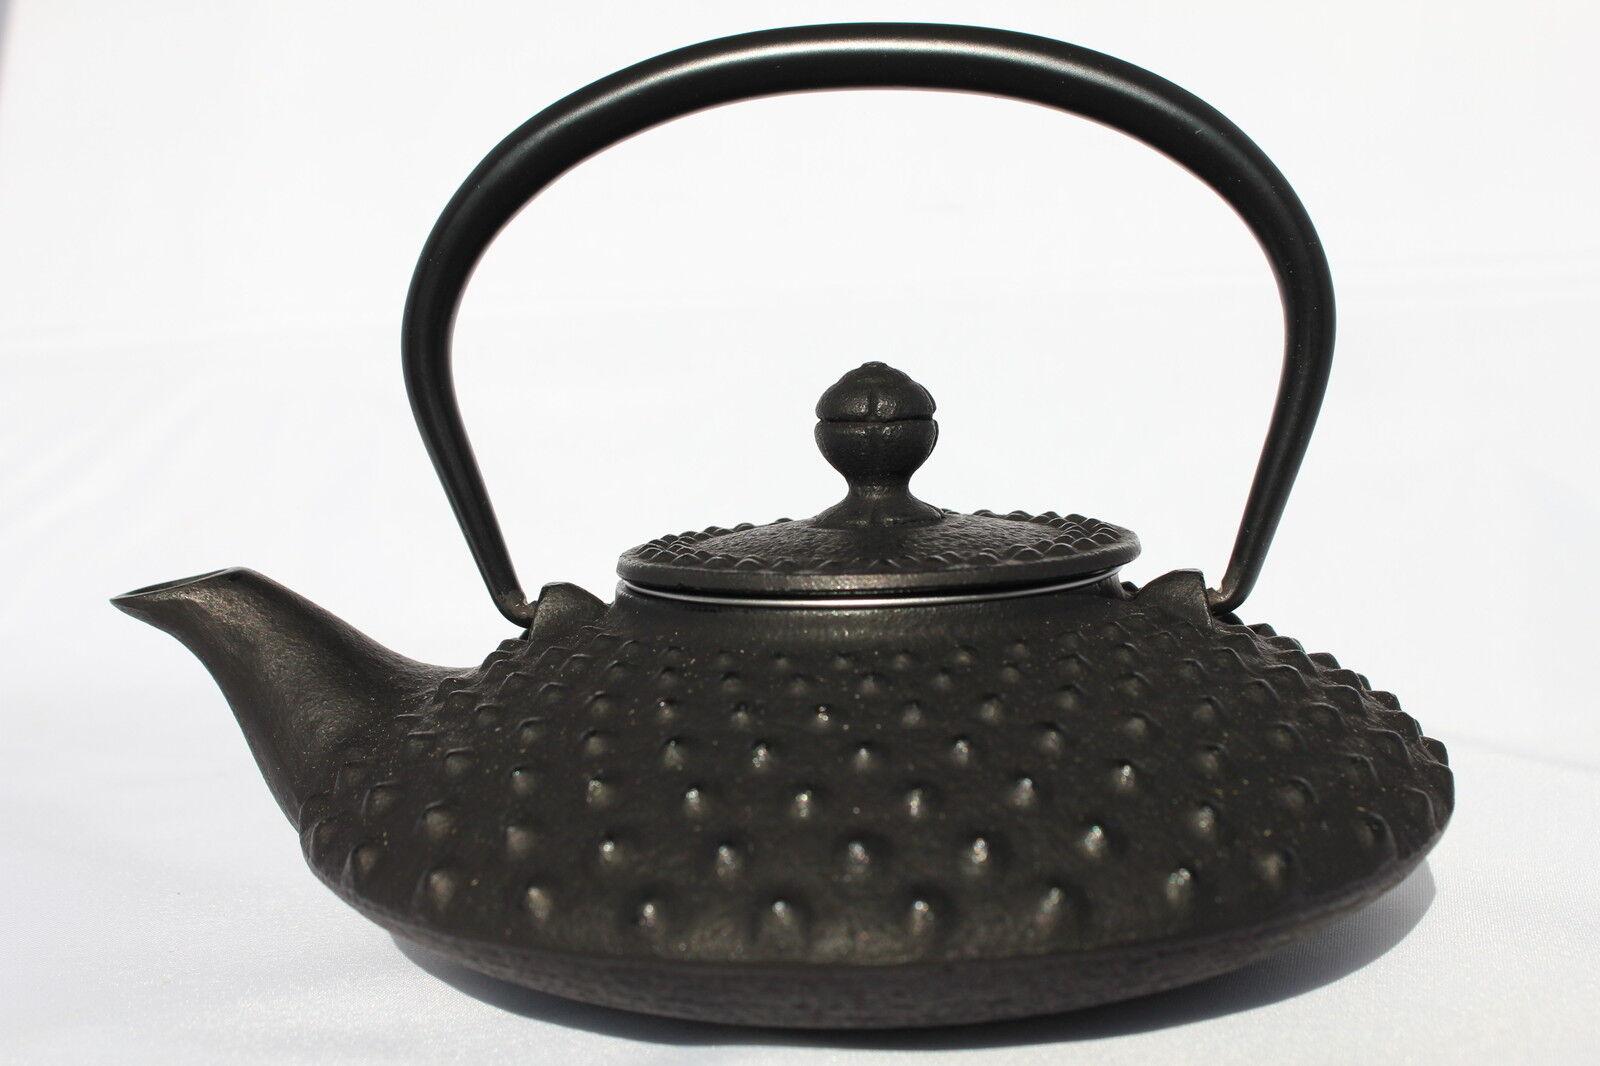 Iwachu Japanese Cast Iron Teapot Hira Arare (1.2 L)